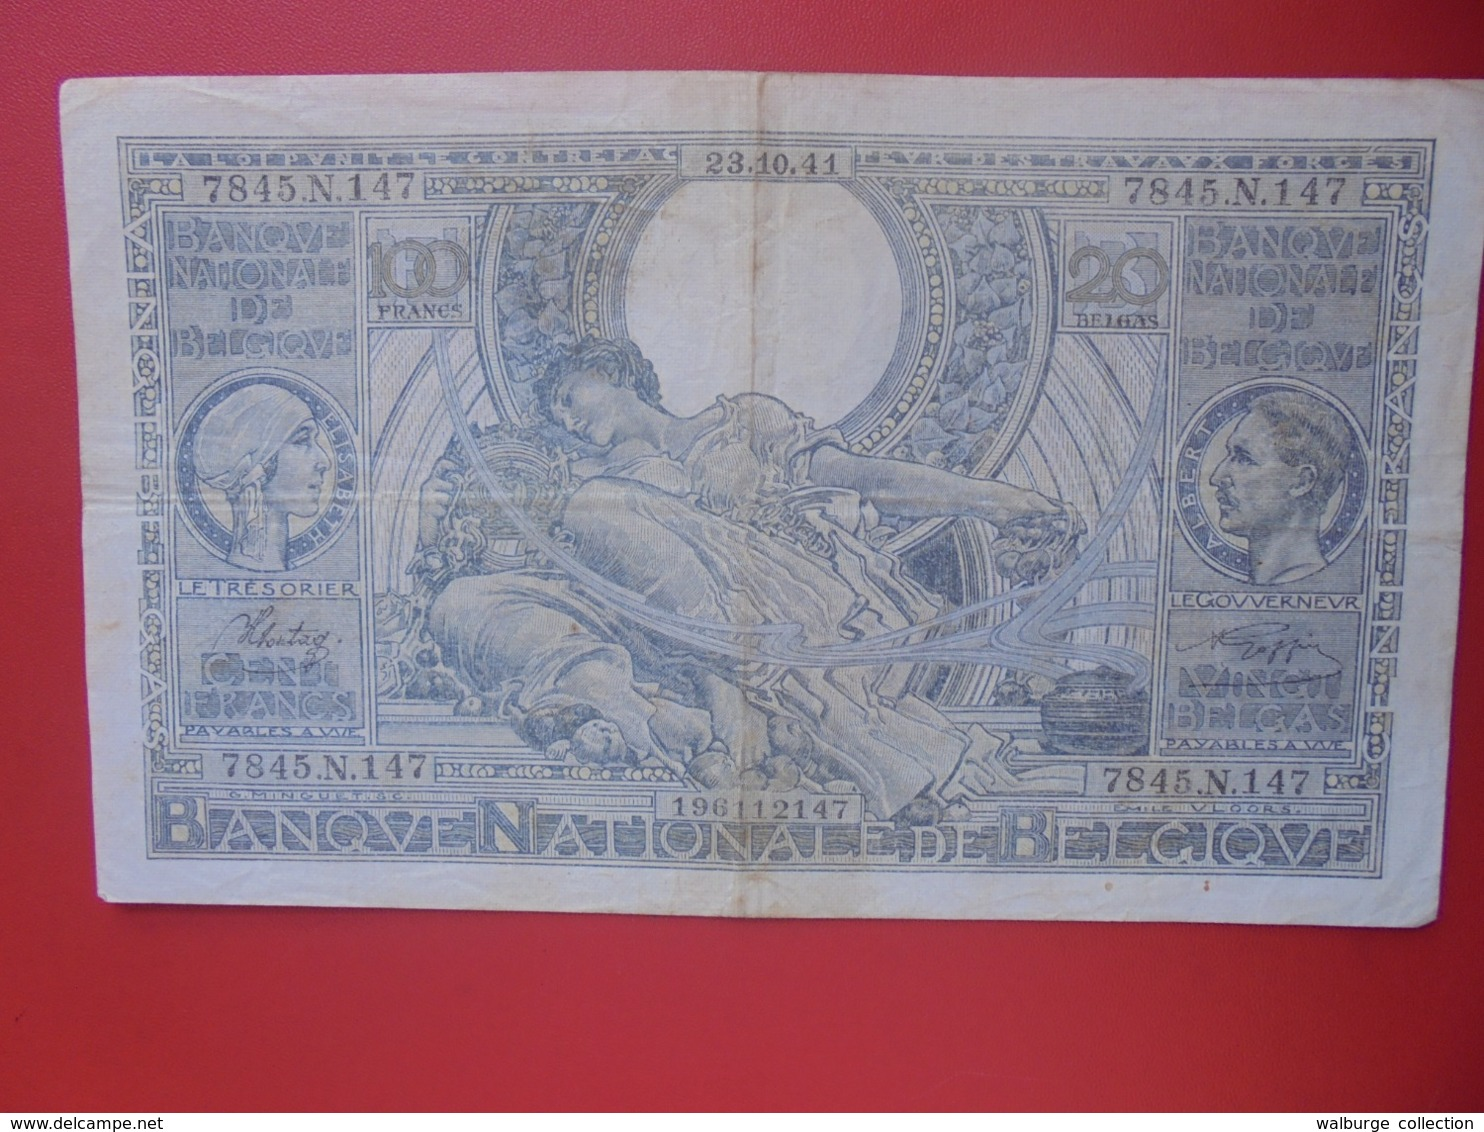 BELGIQUE 100 FRANCS 1941 CIRCULER (B.8) - 100 Frank